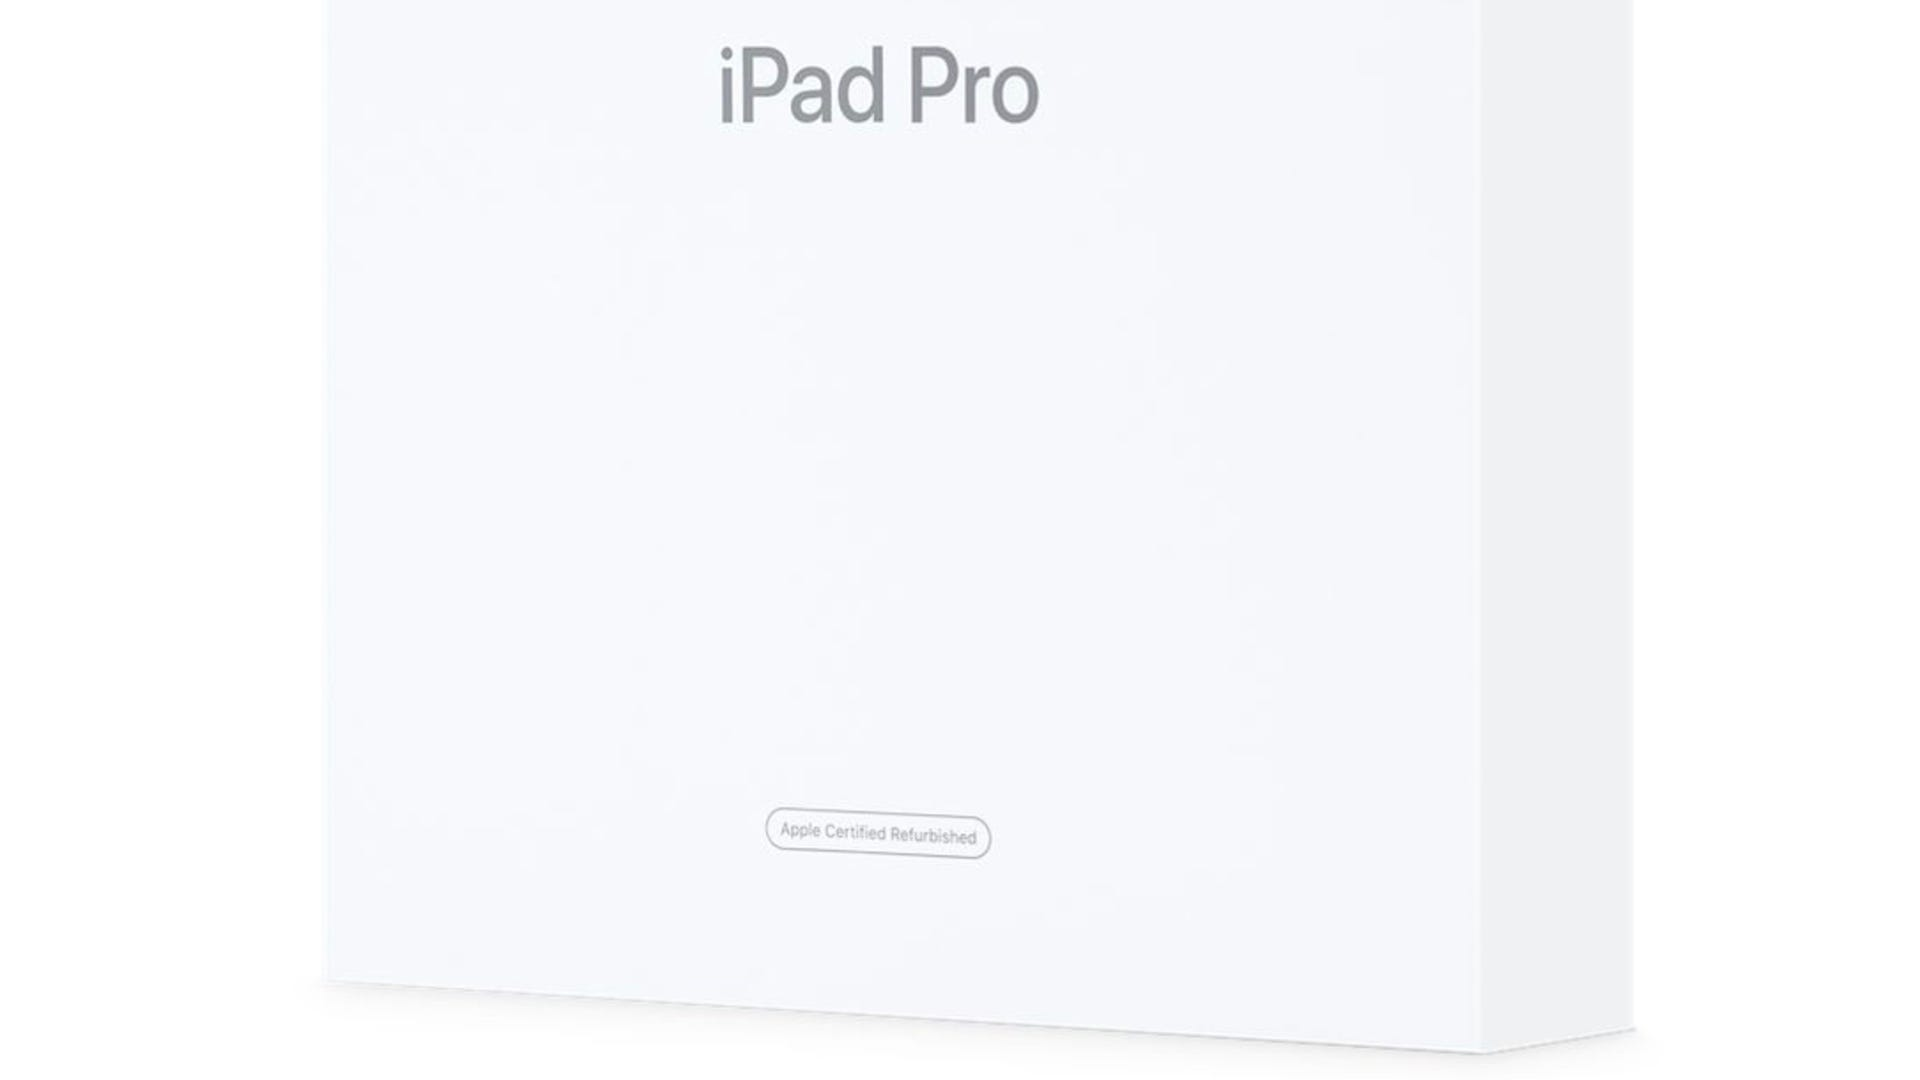 Apple refurbished iPad box